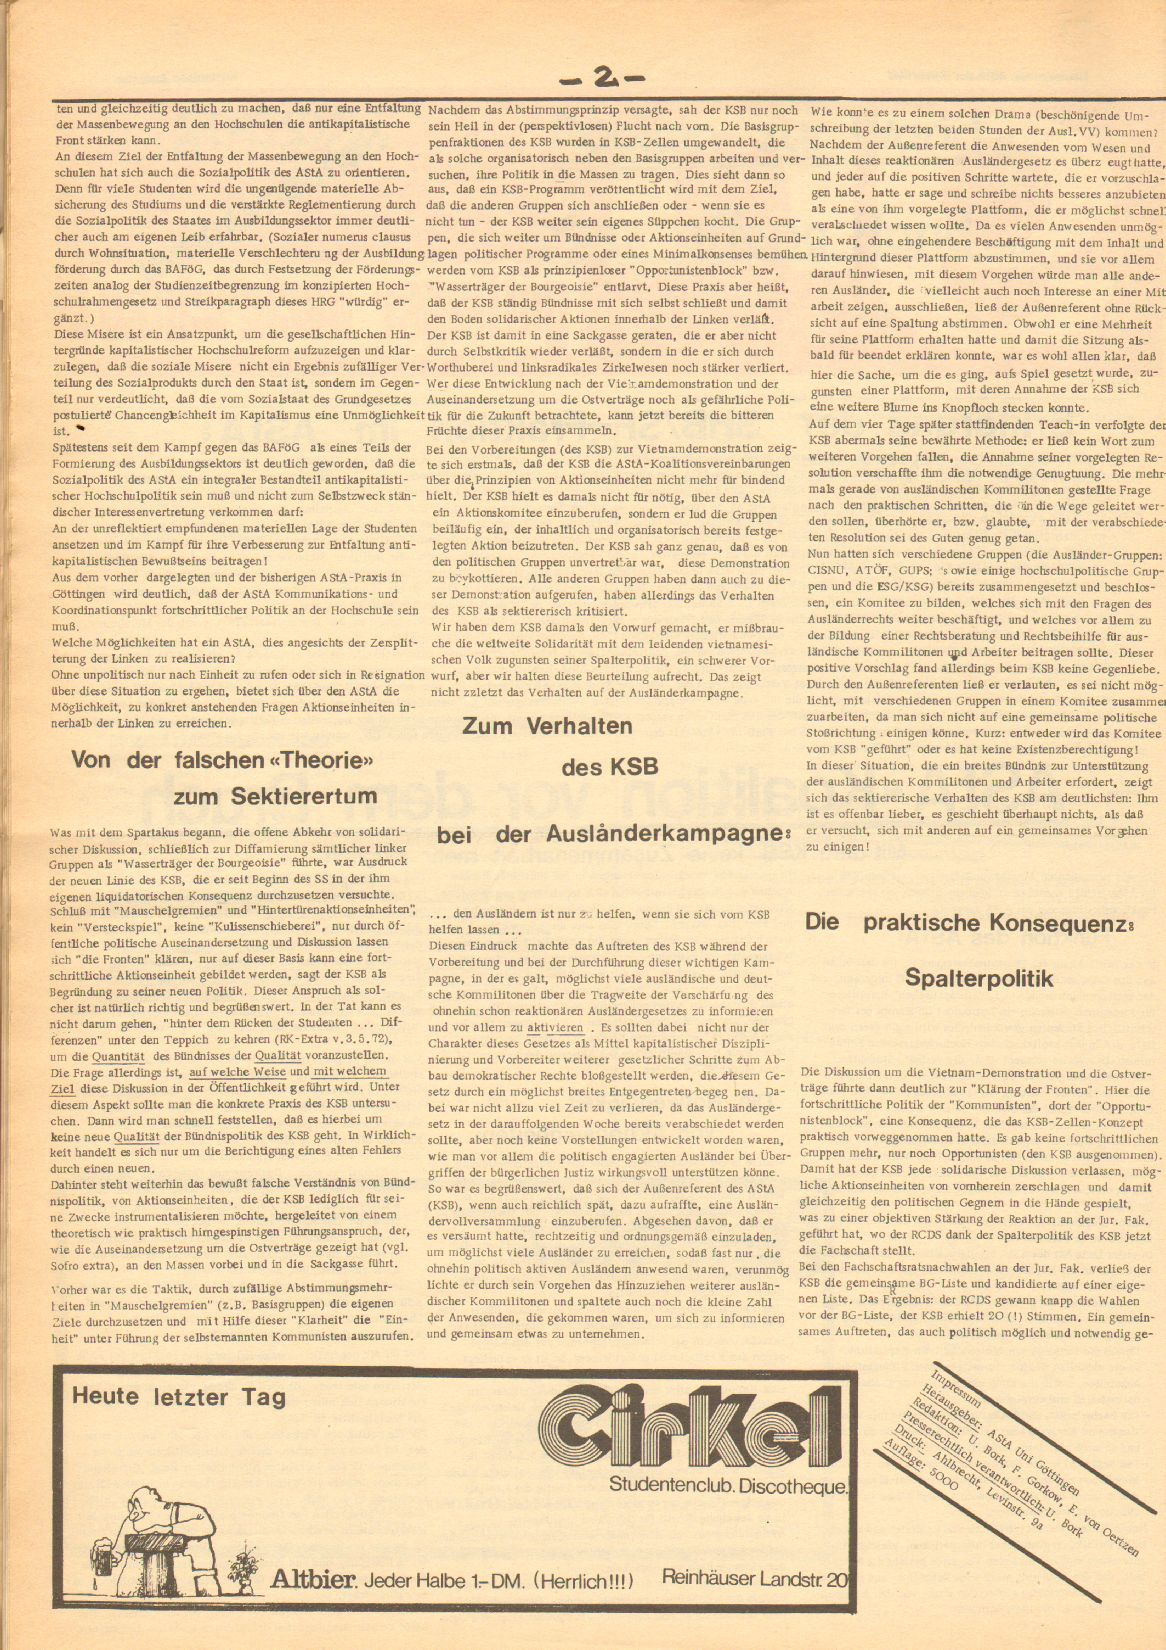 Goettinger_Nachrichten346